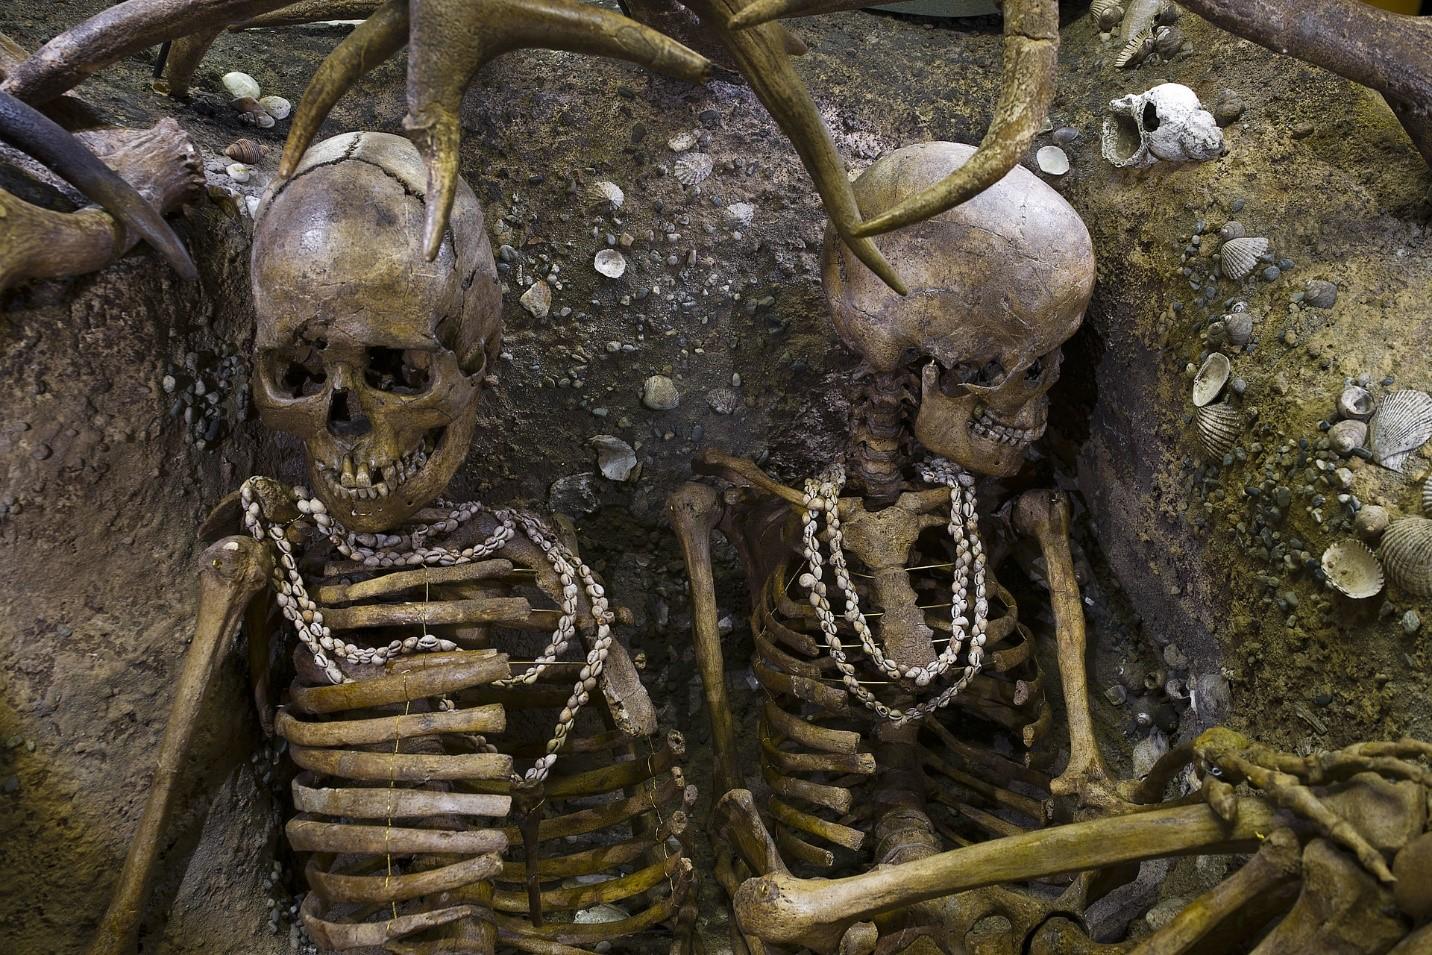 Brittony'de MÖ 5000-7000'ye tarihlenen bir taş devri mezarında, deniz kabukları ve deniz salyangozlarından yapılmış kolyeler takan kadın gömüleri bulundu.